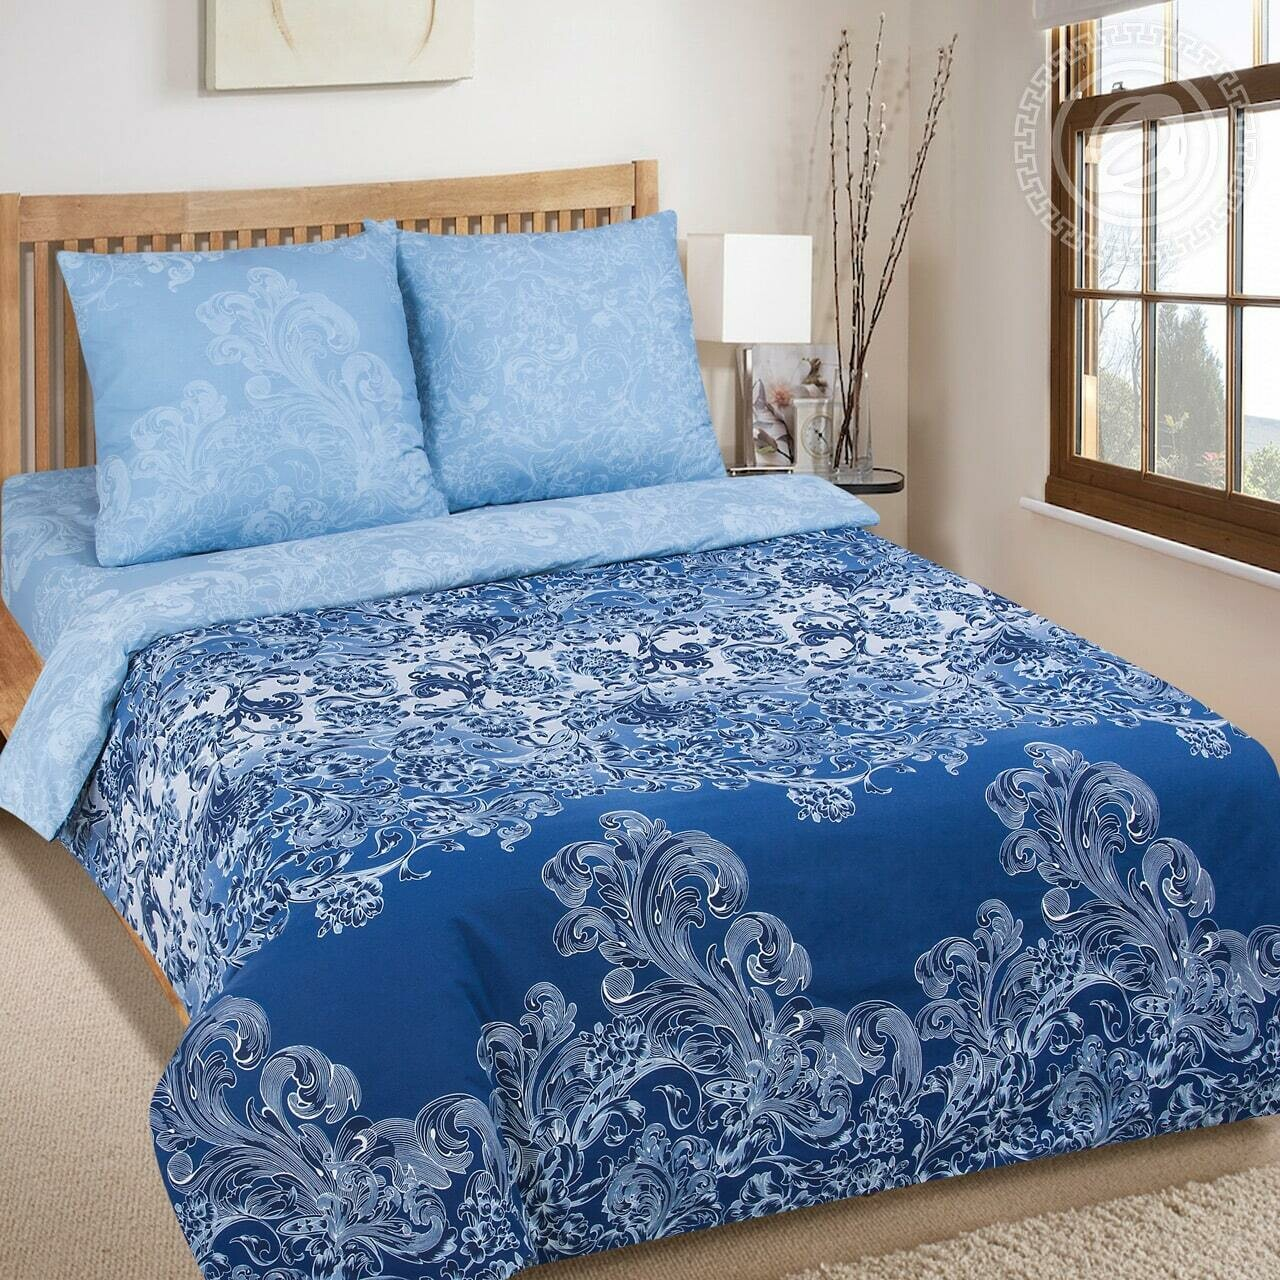 Синий узор - DE LUXE  (Комплекты постельного белья)